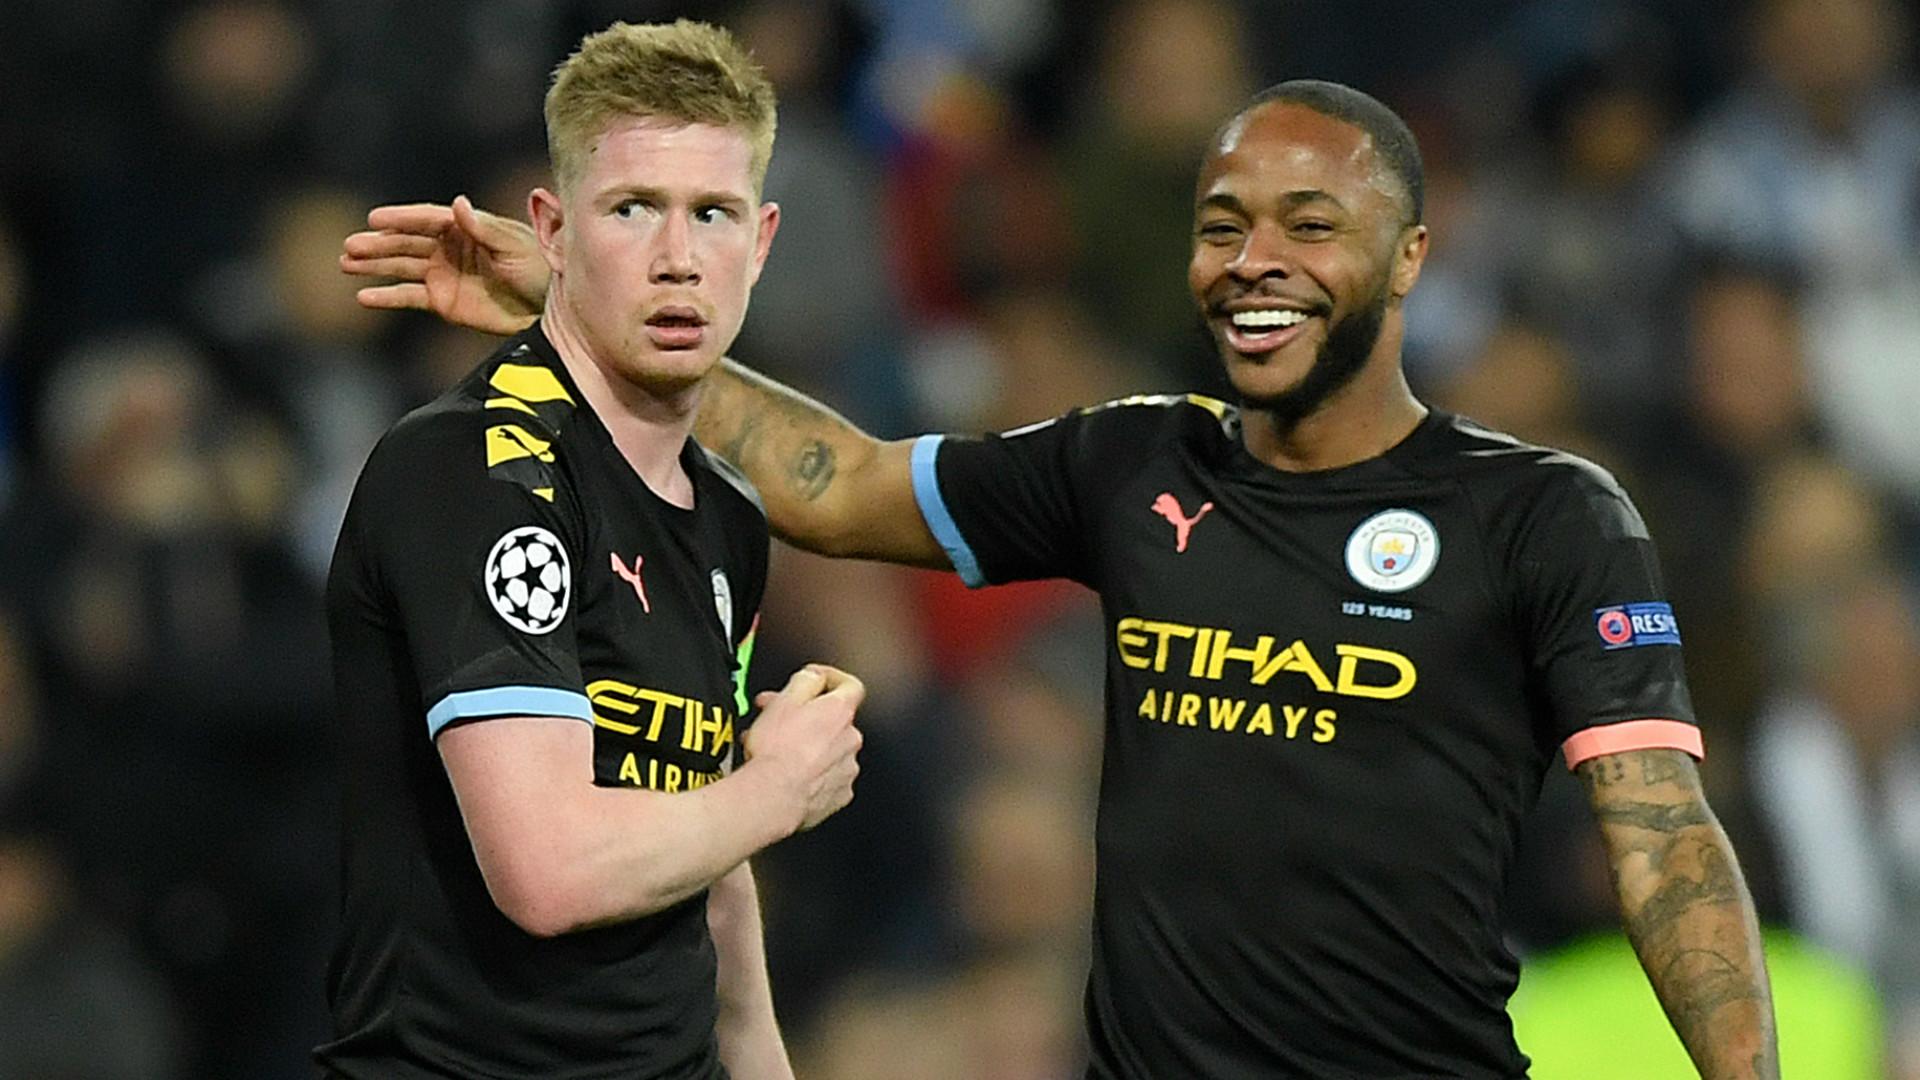 Man City suffered in EFL Cup triumph - Rodri